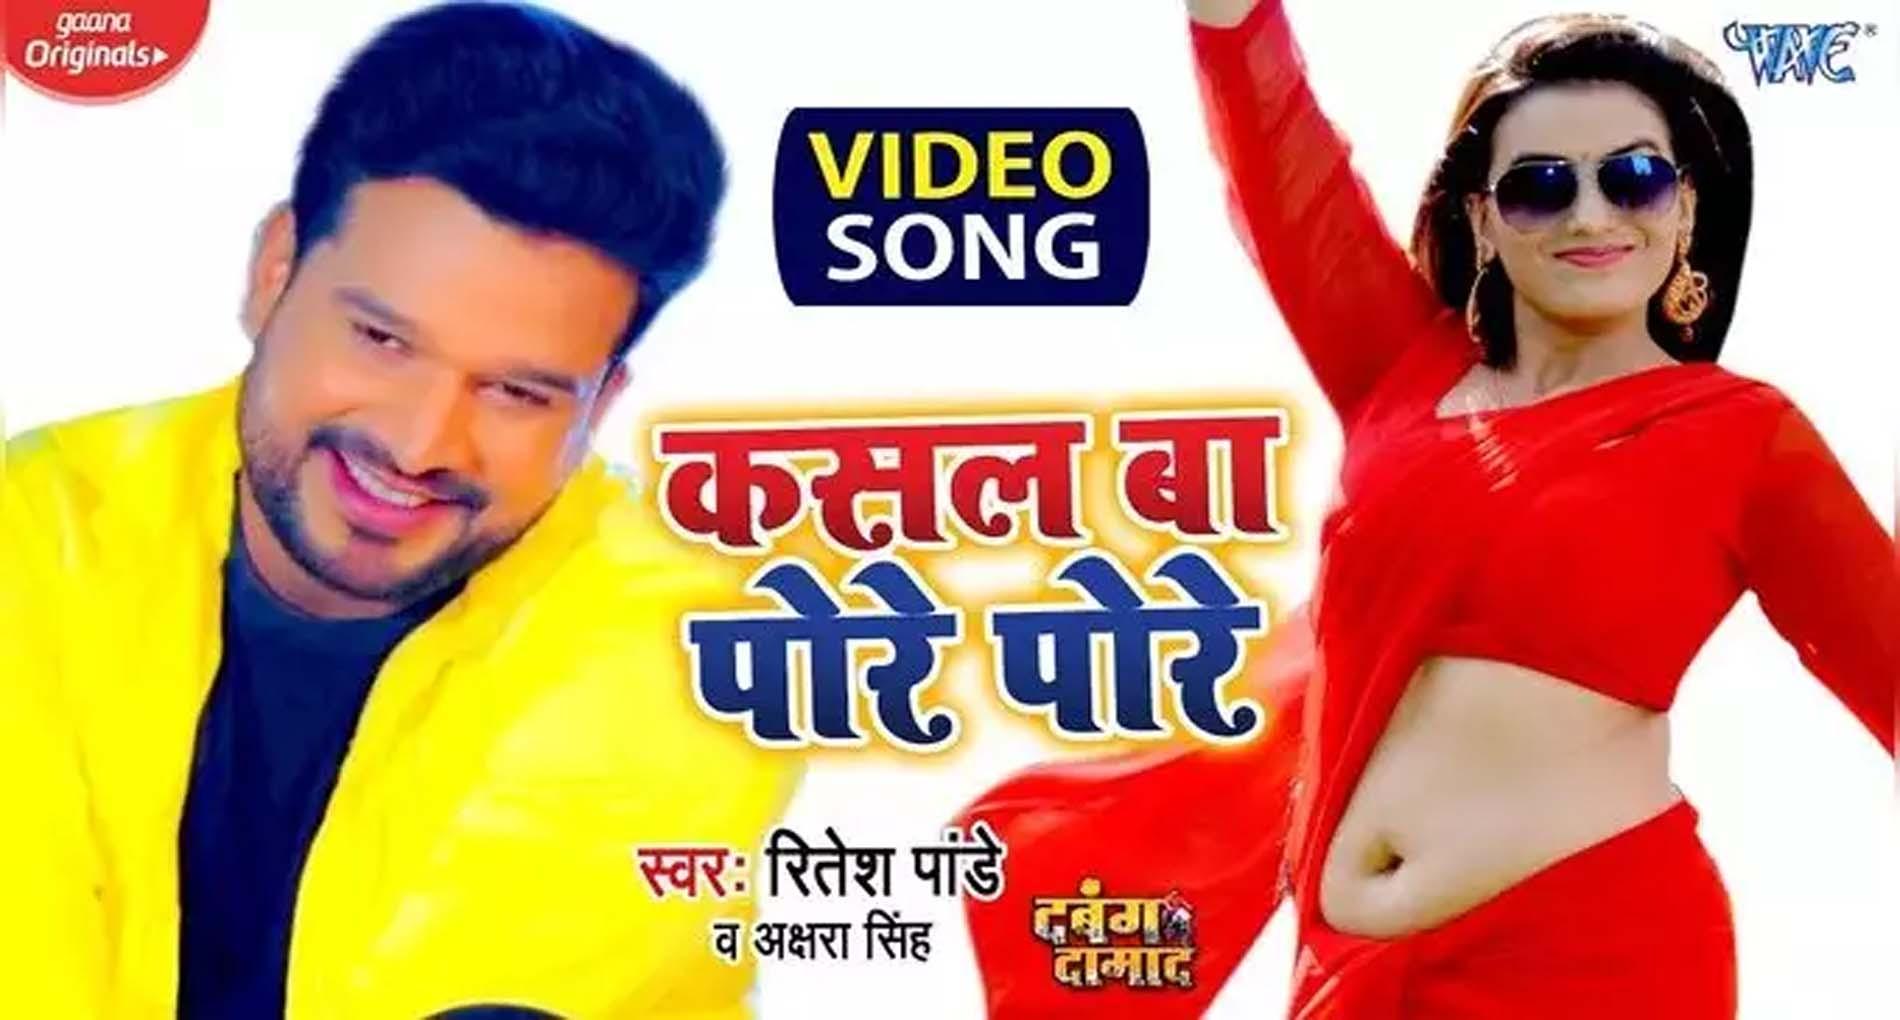 Akshara Singh Video Song: अक्षरा सिंह का गाना 'टोना लग जाई' हुआ वायरल! फैंस के बीच मचा रहा है धमाल